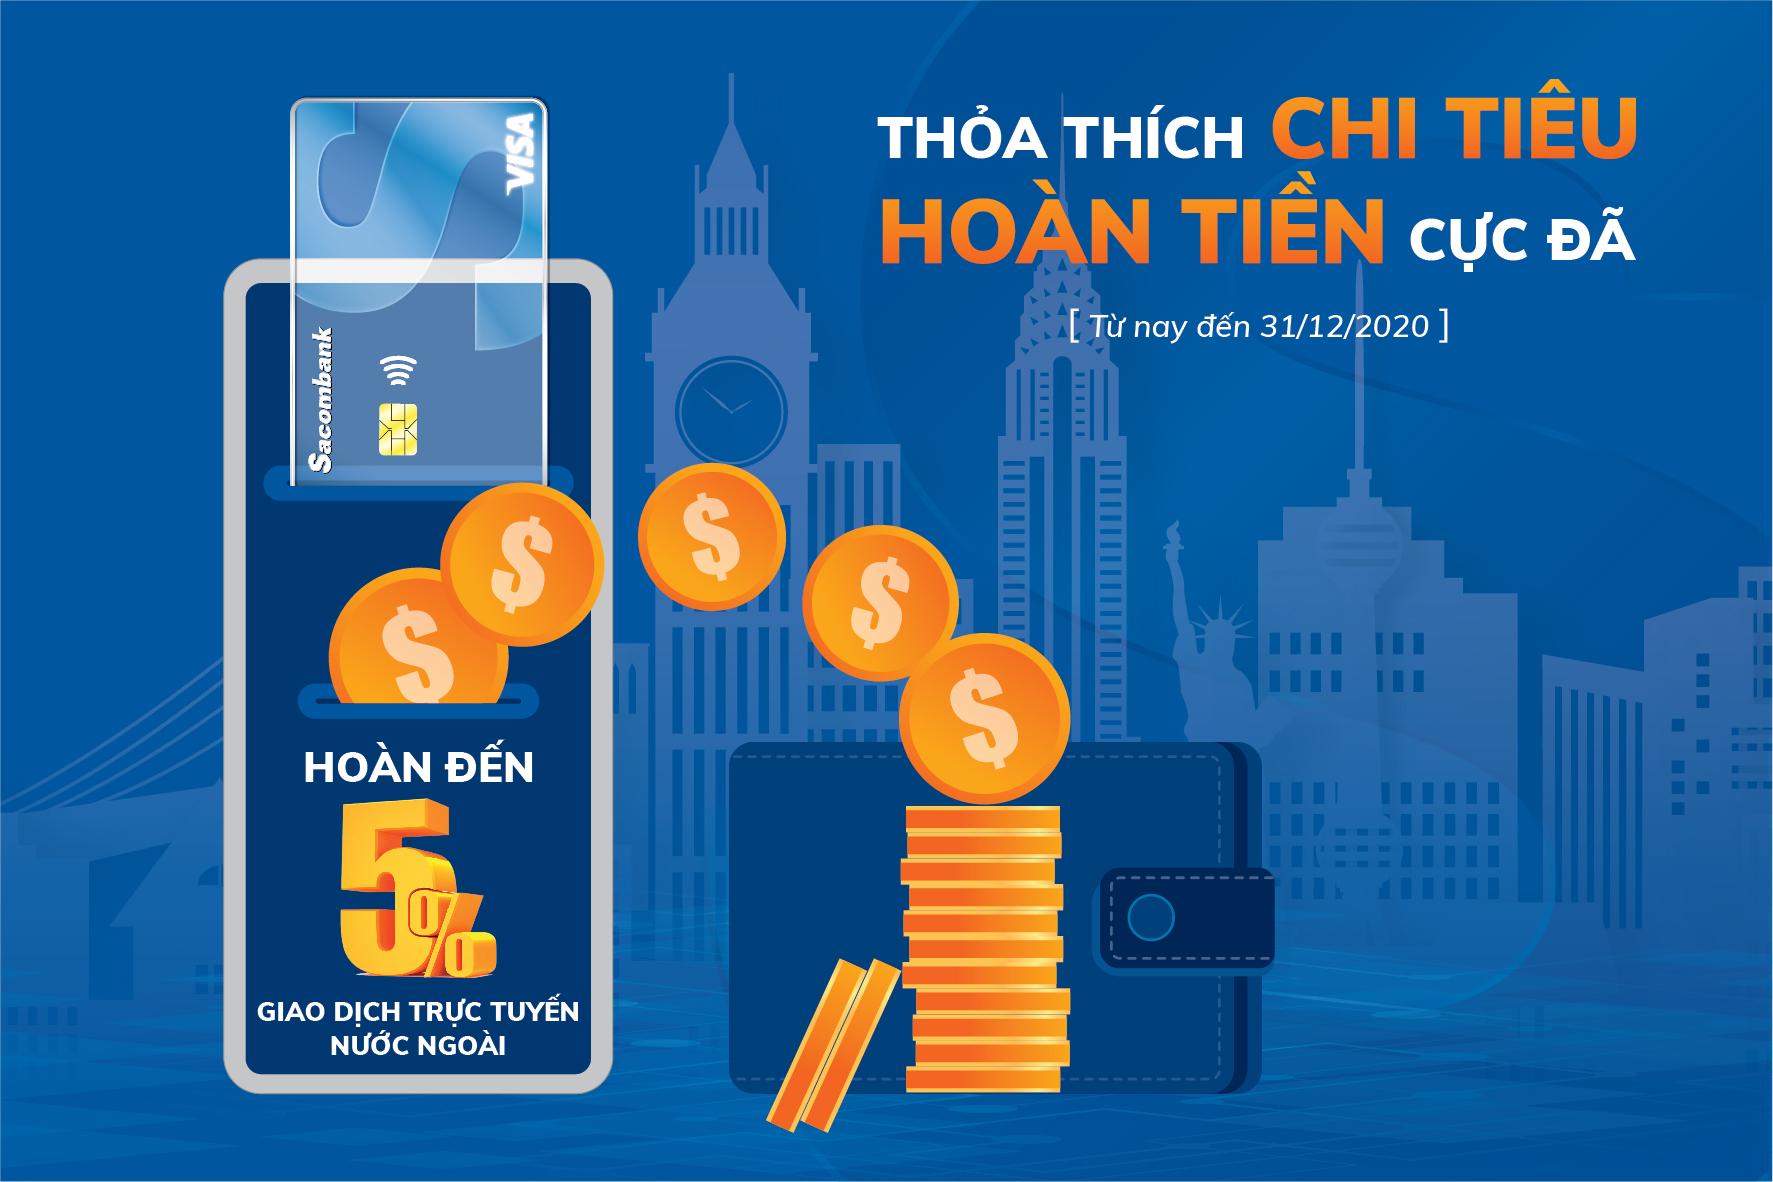 Hoàn tiền lên đến 3 triệu đồng khi giao dịch trực tuyến nước ngoài bằng thẻ Sacombank Visa